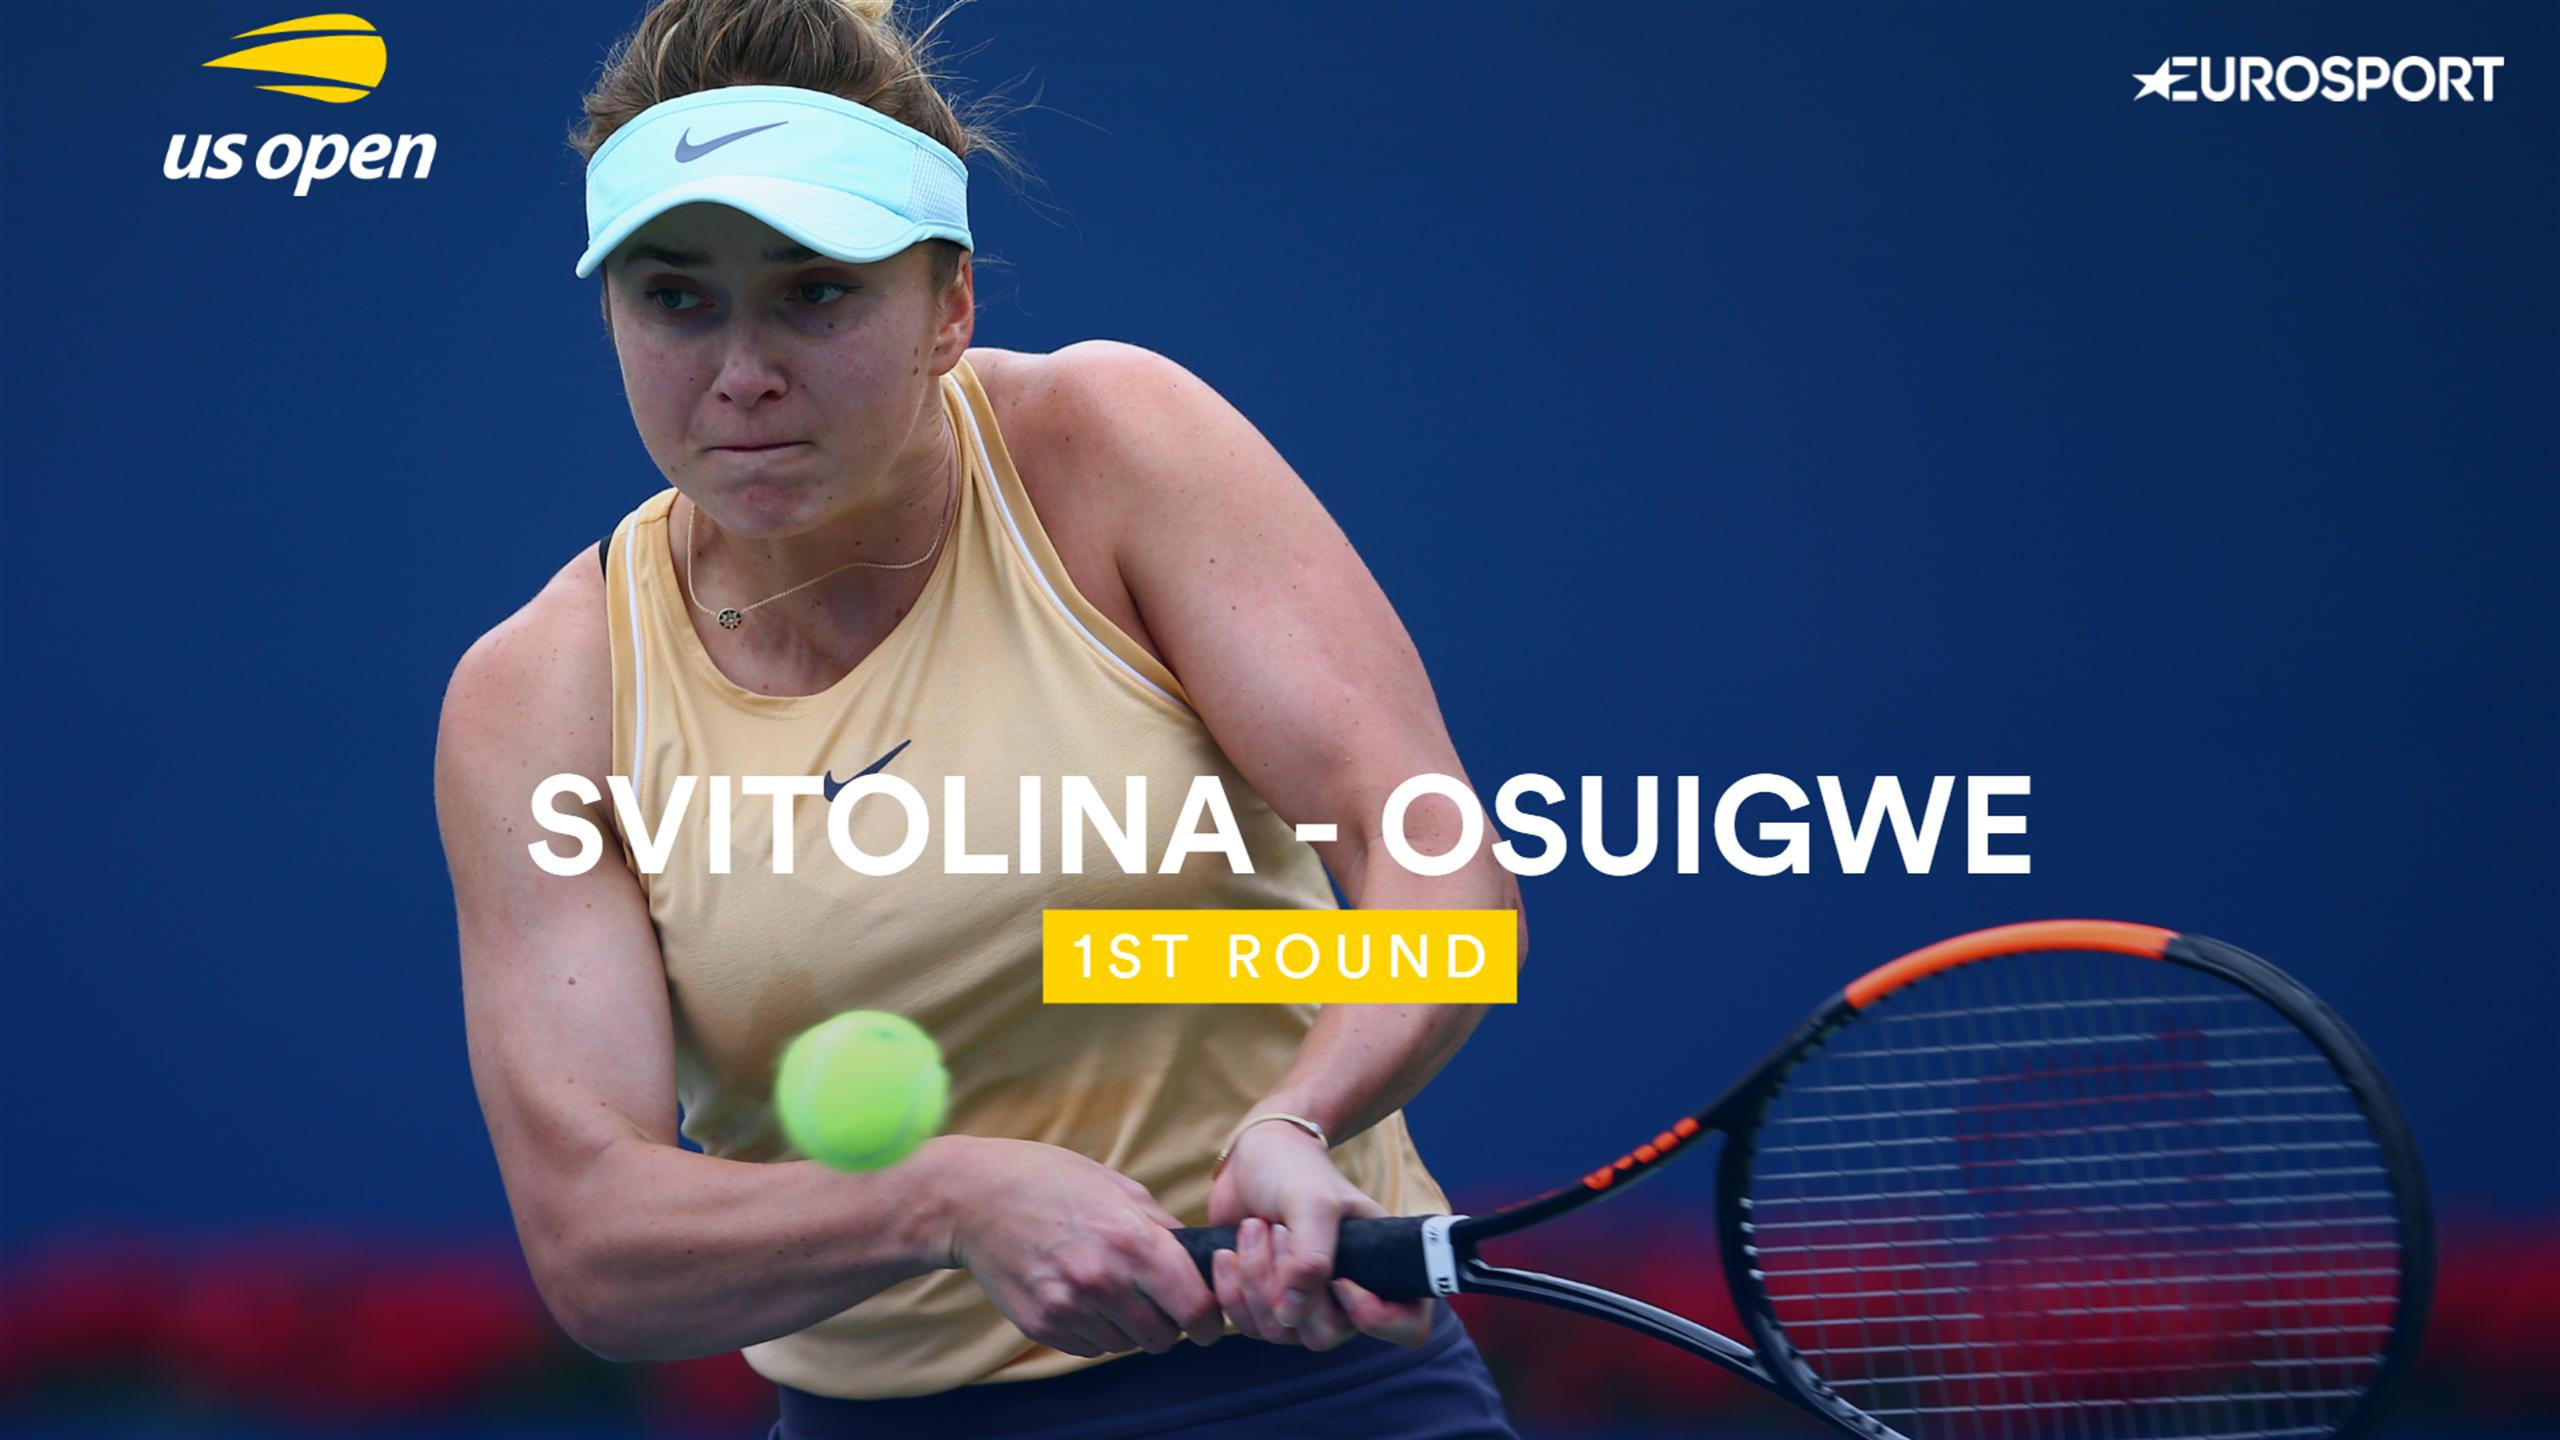 Обзор матча Элина Свитолина - Уитни Осигве на US Open (ВИДЕО)